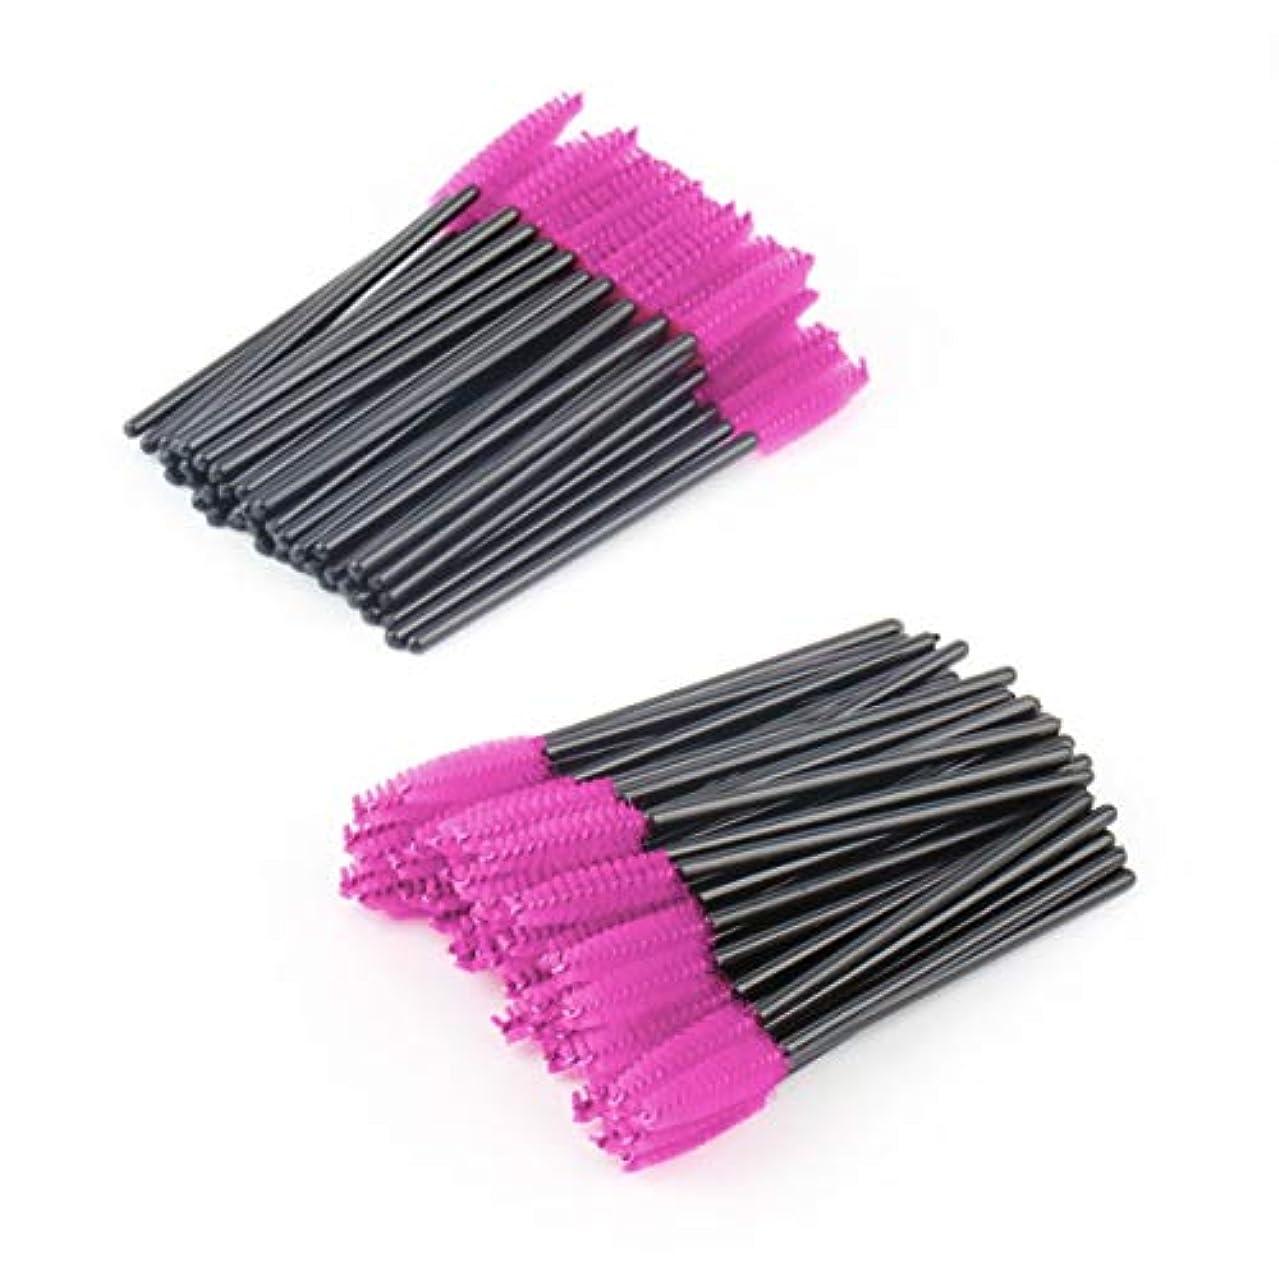 定期的な毒粘り強い100ピースメイクアップブラシピンク合成繊維使い捨てまつげブラシマスカラアプリケーターワンドブラシ化粧品メイクアップツール美容-黒赤